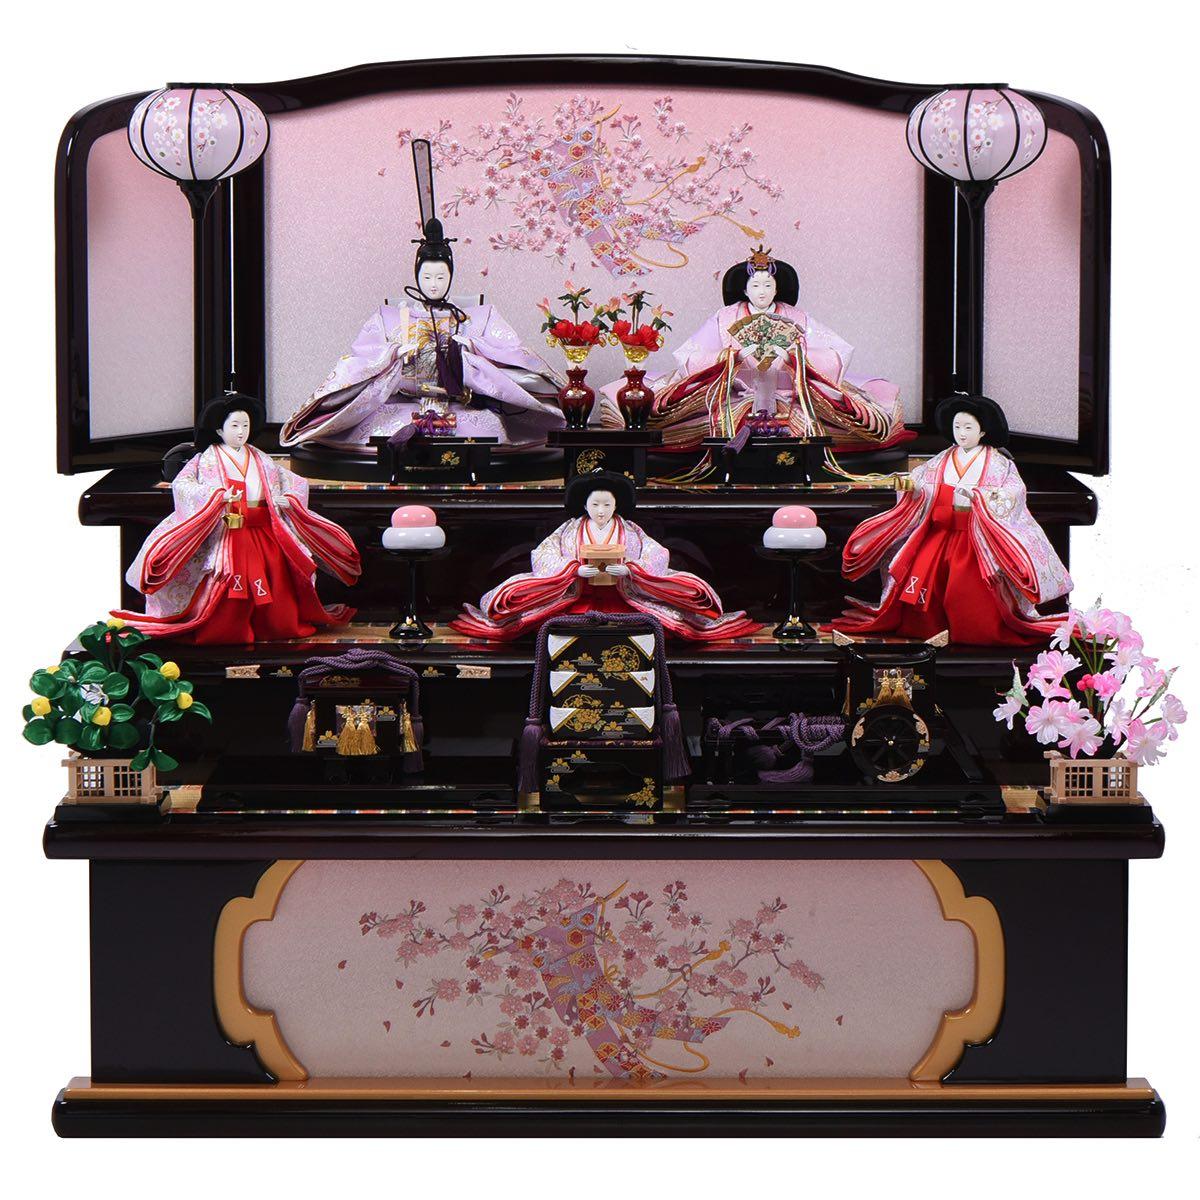 雛人形 小十番 牡丹桜三段飾り 鳳凰刺繍五人 送料無料 【期間限定ポイント10倍】